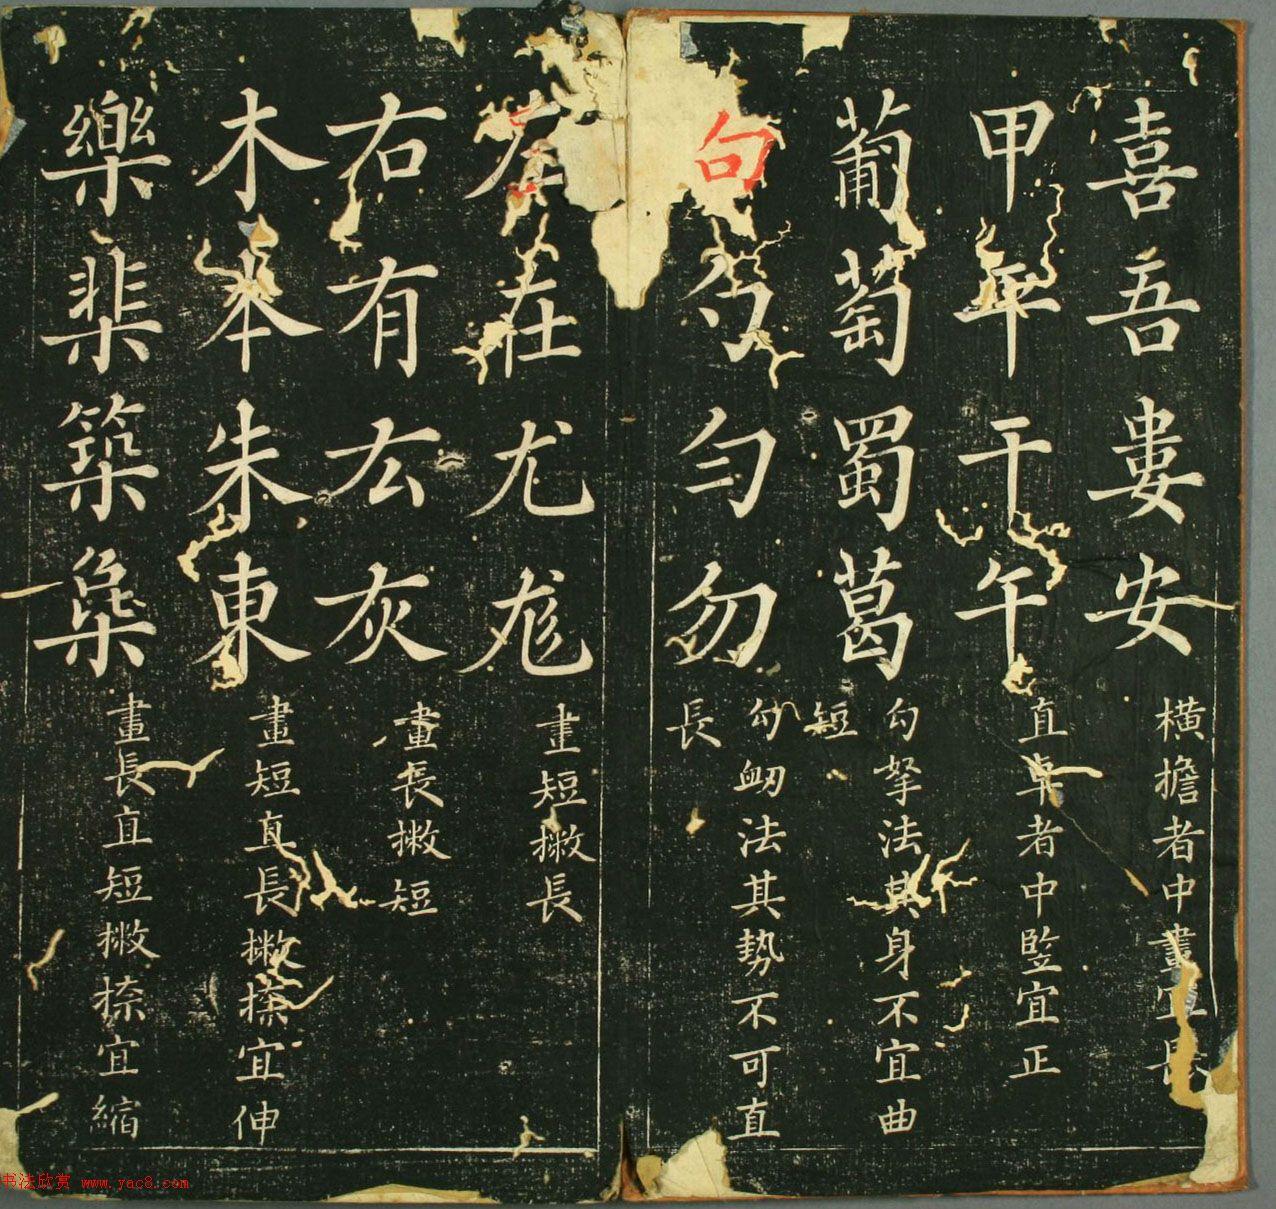 毛笔字技法:《赵子昂真书九十二法》